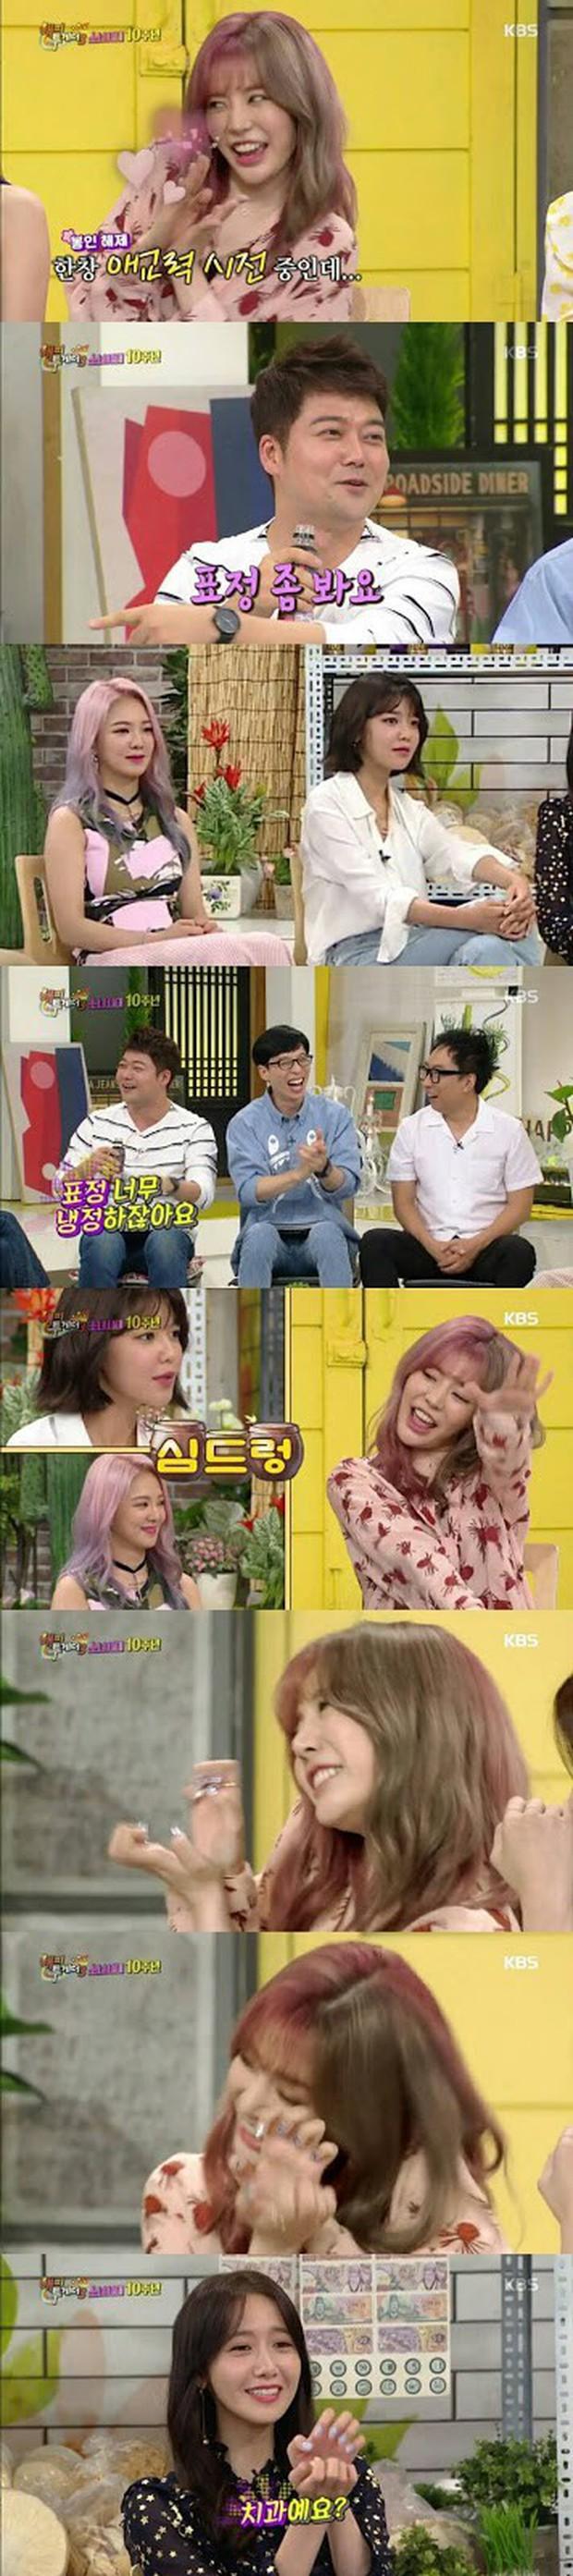 Còn gì buồn hơn khi Idol Kpop làm aegyo mà bị thành viên chung nhóm kỳ thị! - Ảnh 7.